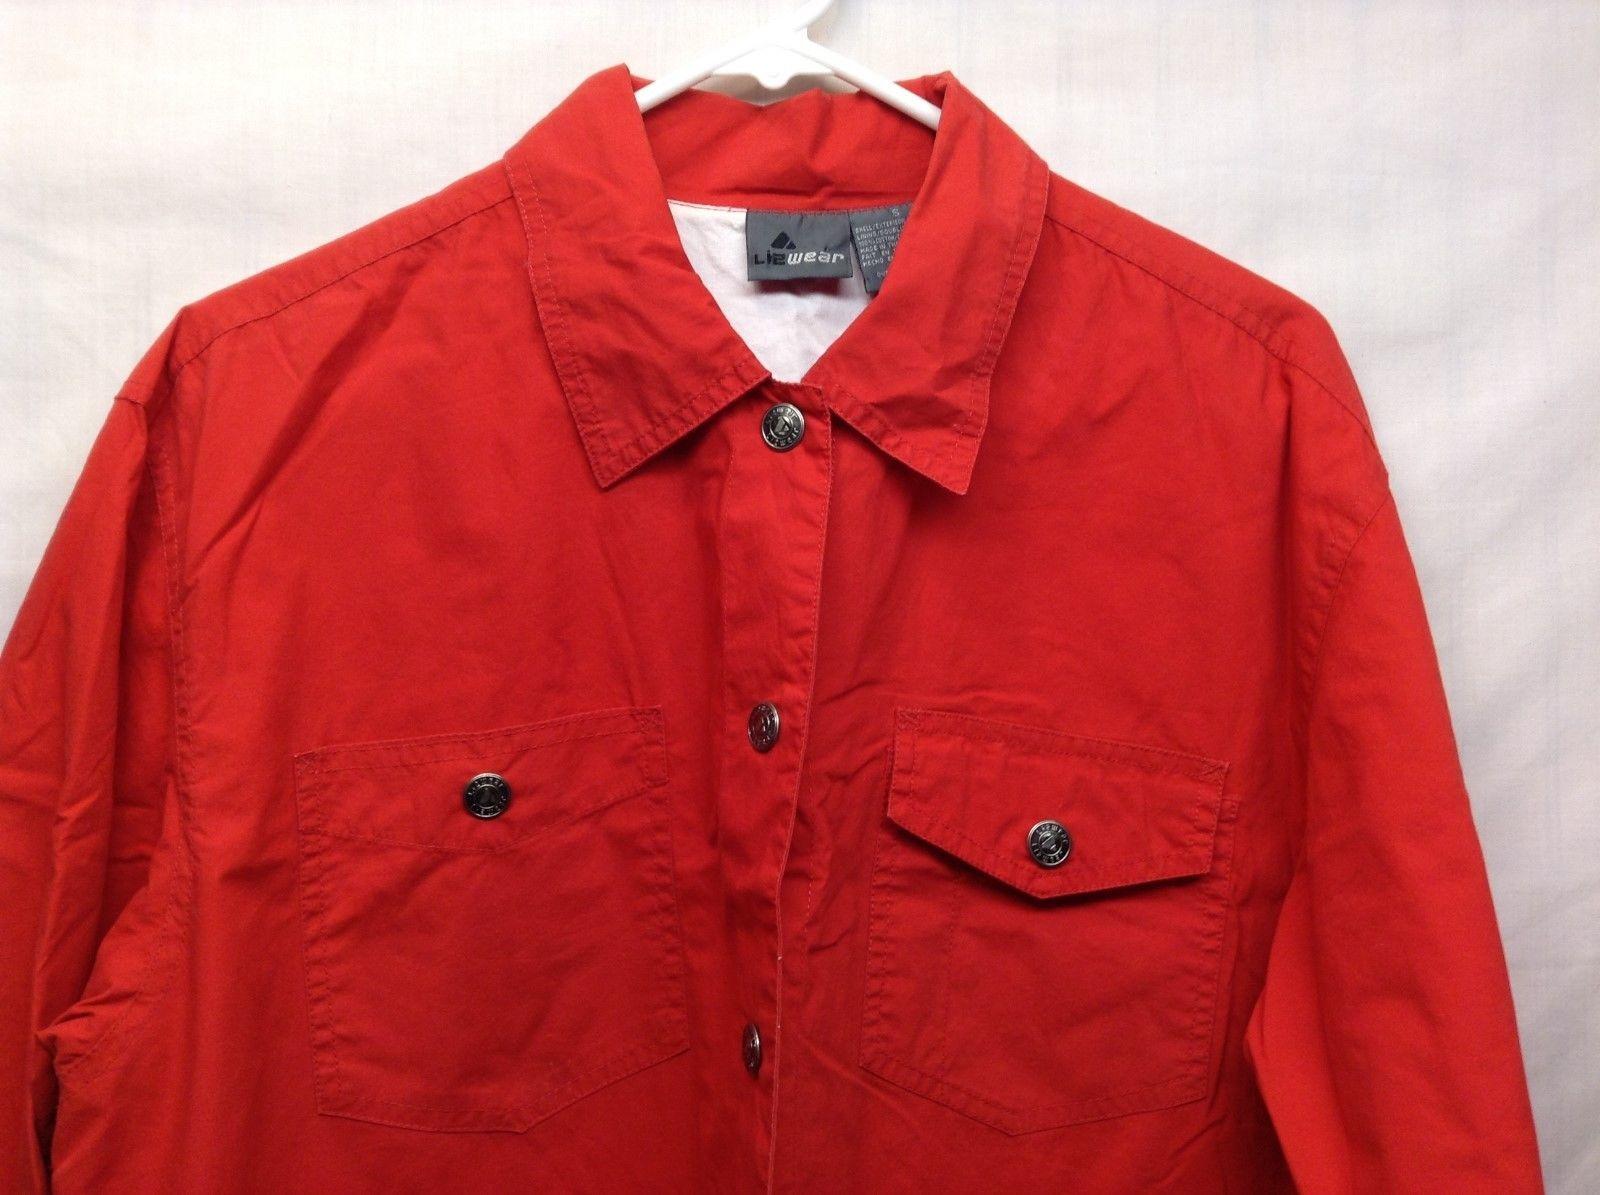 Lizwear Lined Red Rain Jacket Sz S